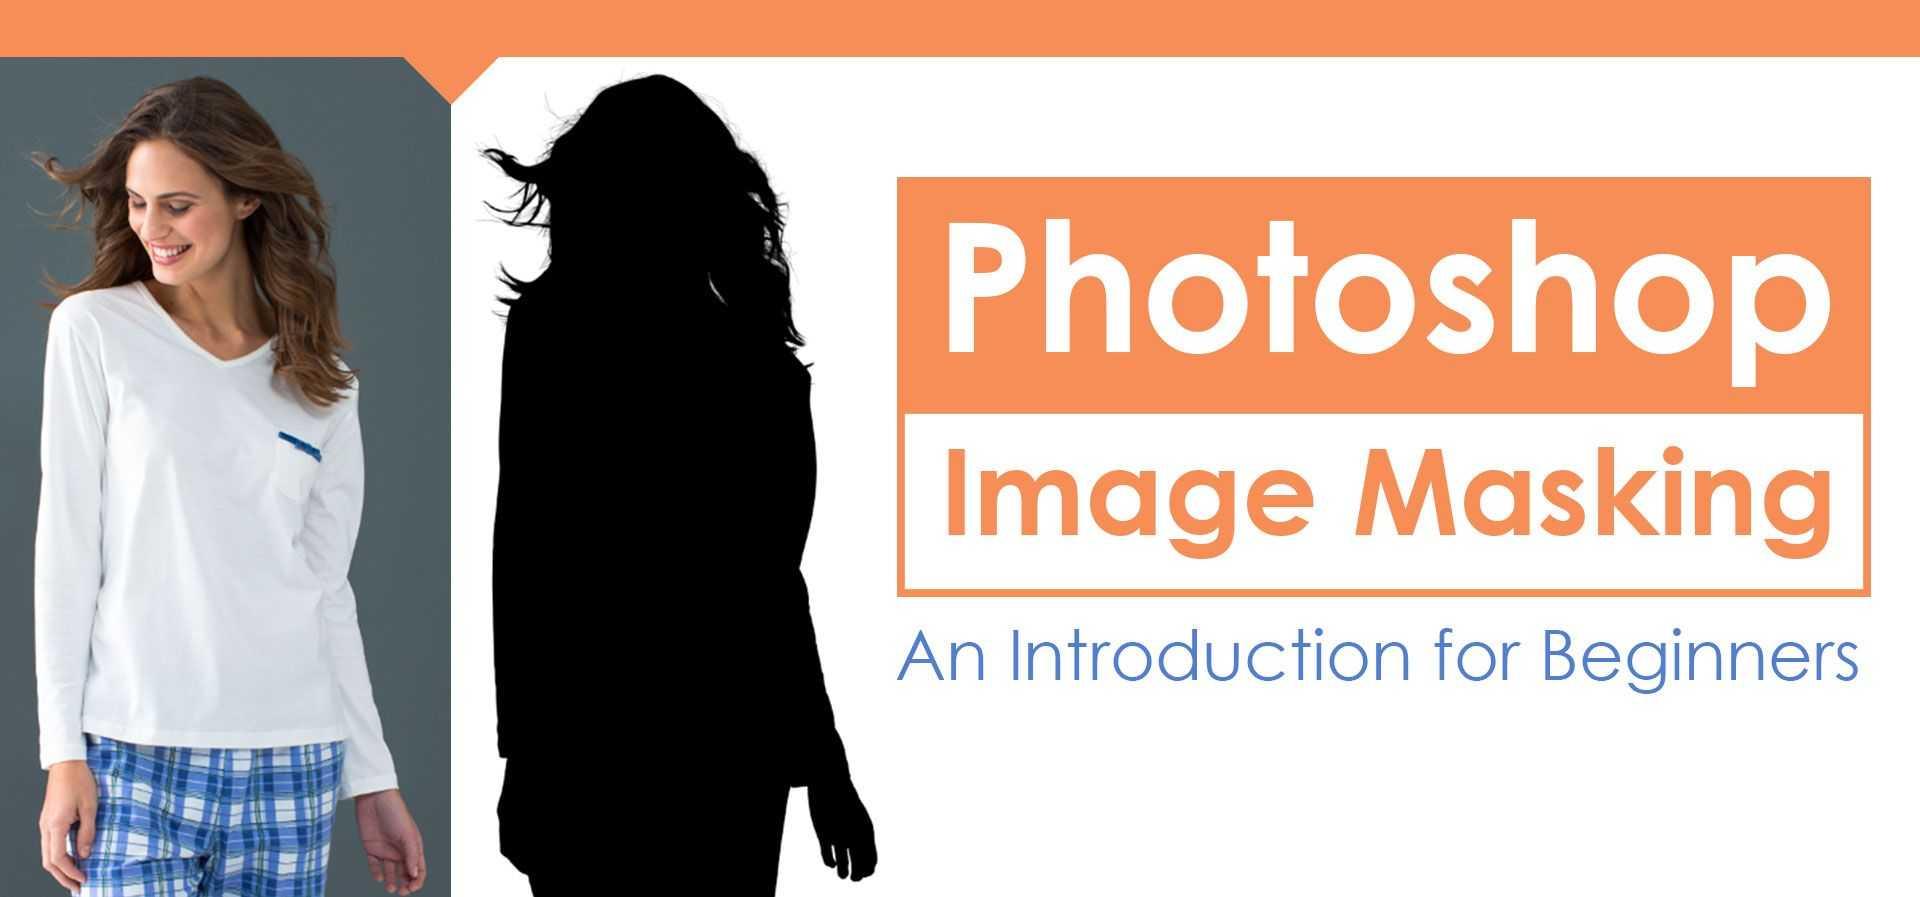 Photo image masking features images